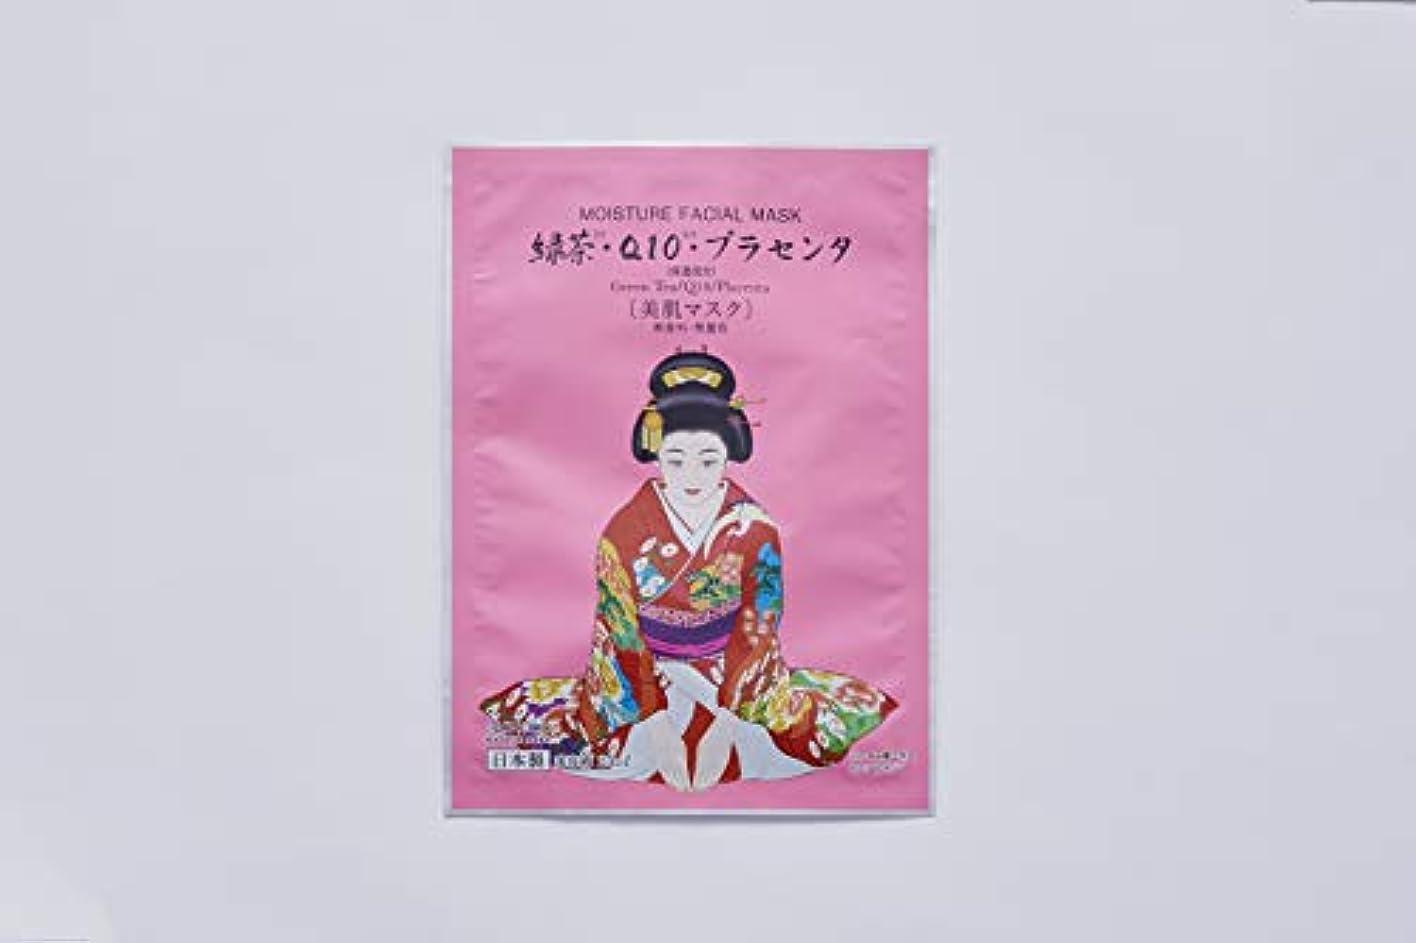 顕著酸度トリップ愛粧堂 舞妓マスク 緑茶CoQ10プラセンタ 10枚セット